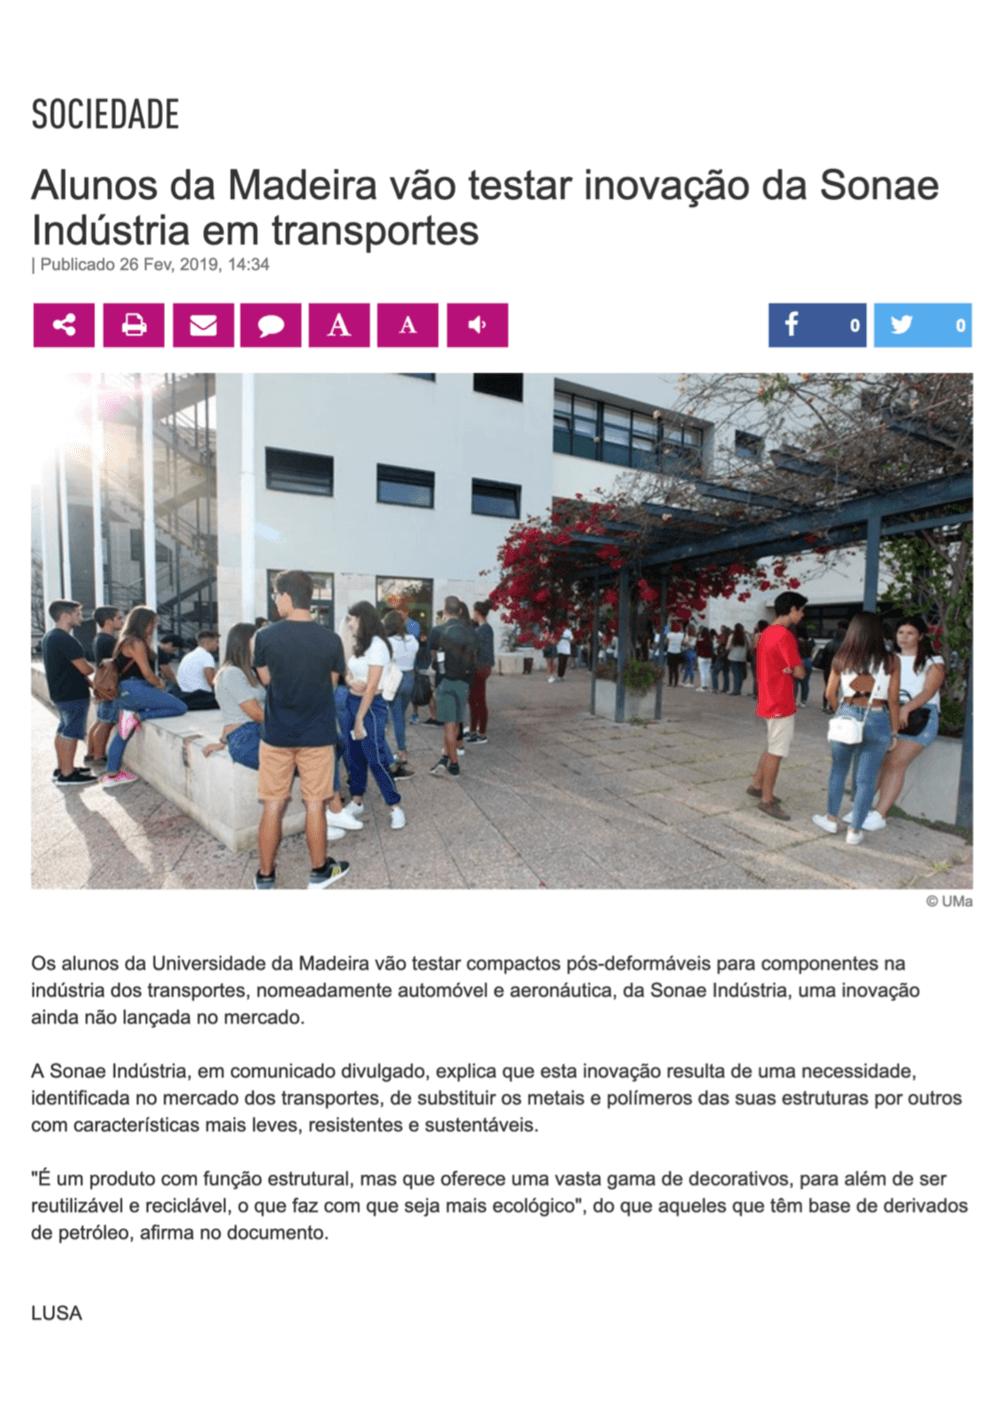 Alunos da Madeira vão testar inovação da Sonae Indústria em transportes